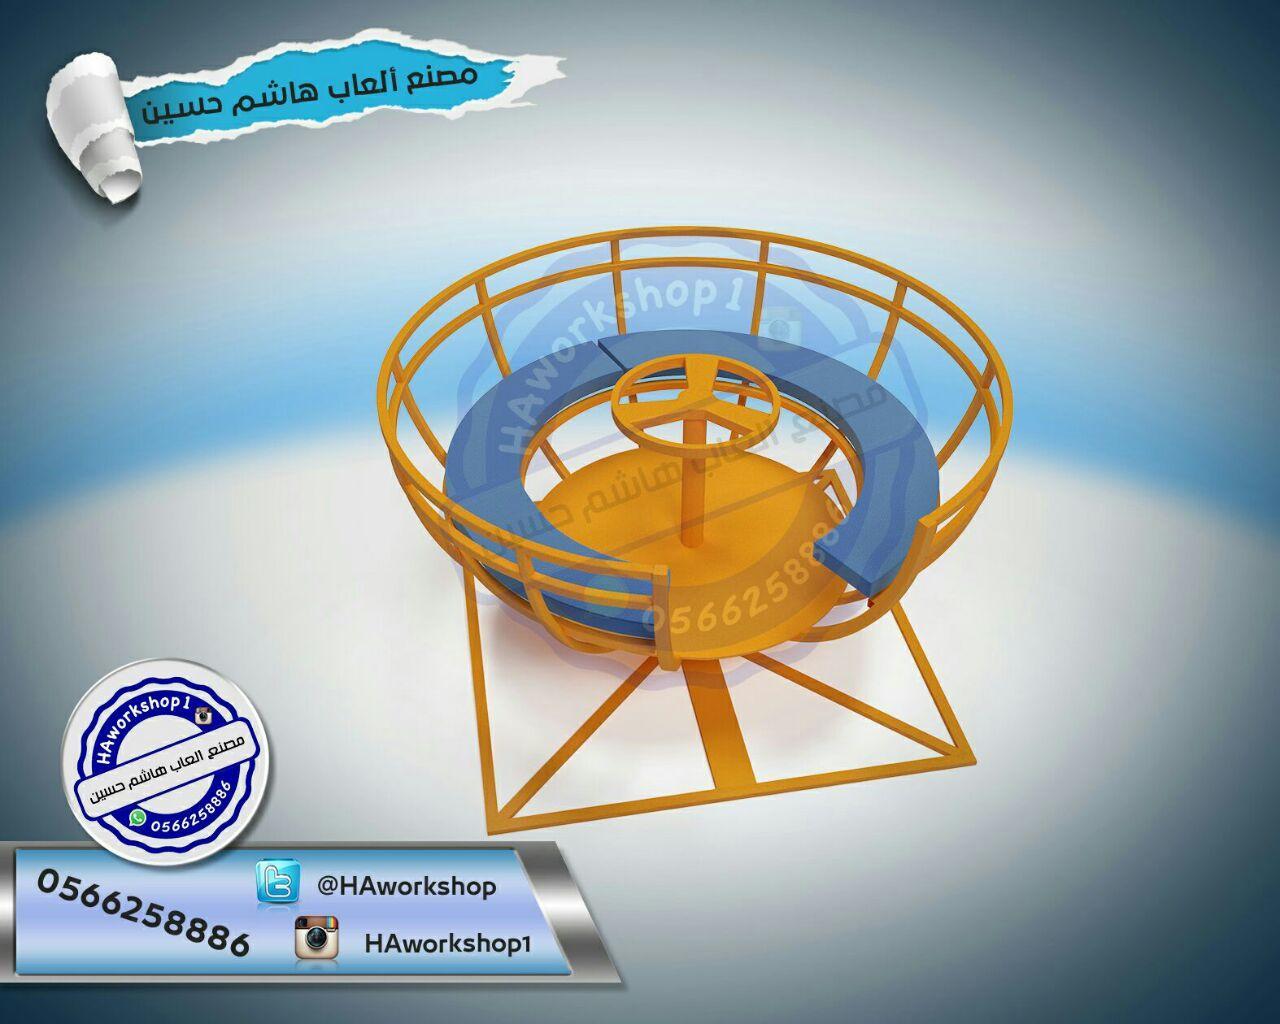 مصنع العاب هاشم حسين مراجيح زحاليق سلم تسلق صحن دوار نطاطات العاب هزازة 0566258886 567241619